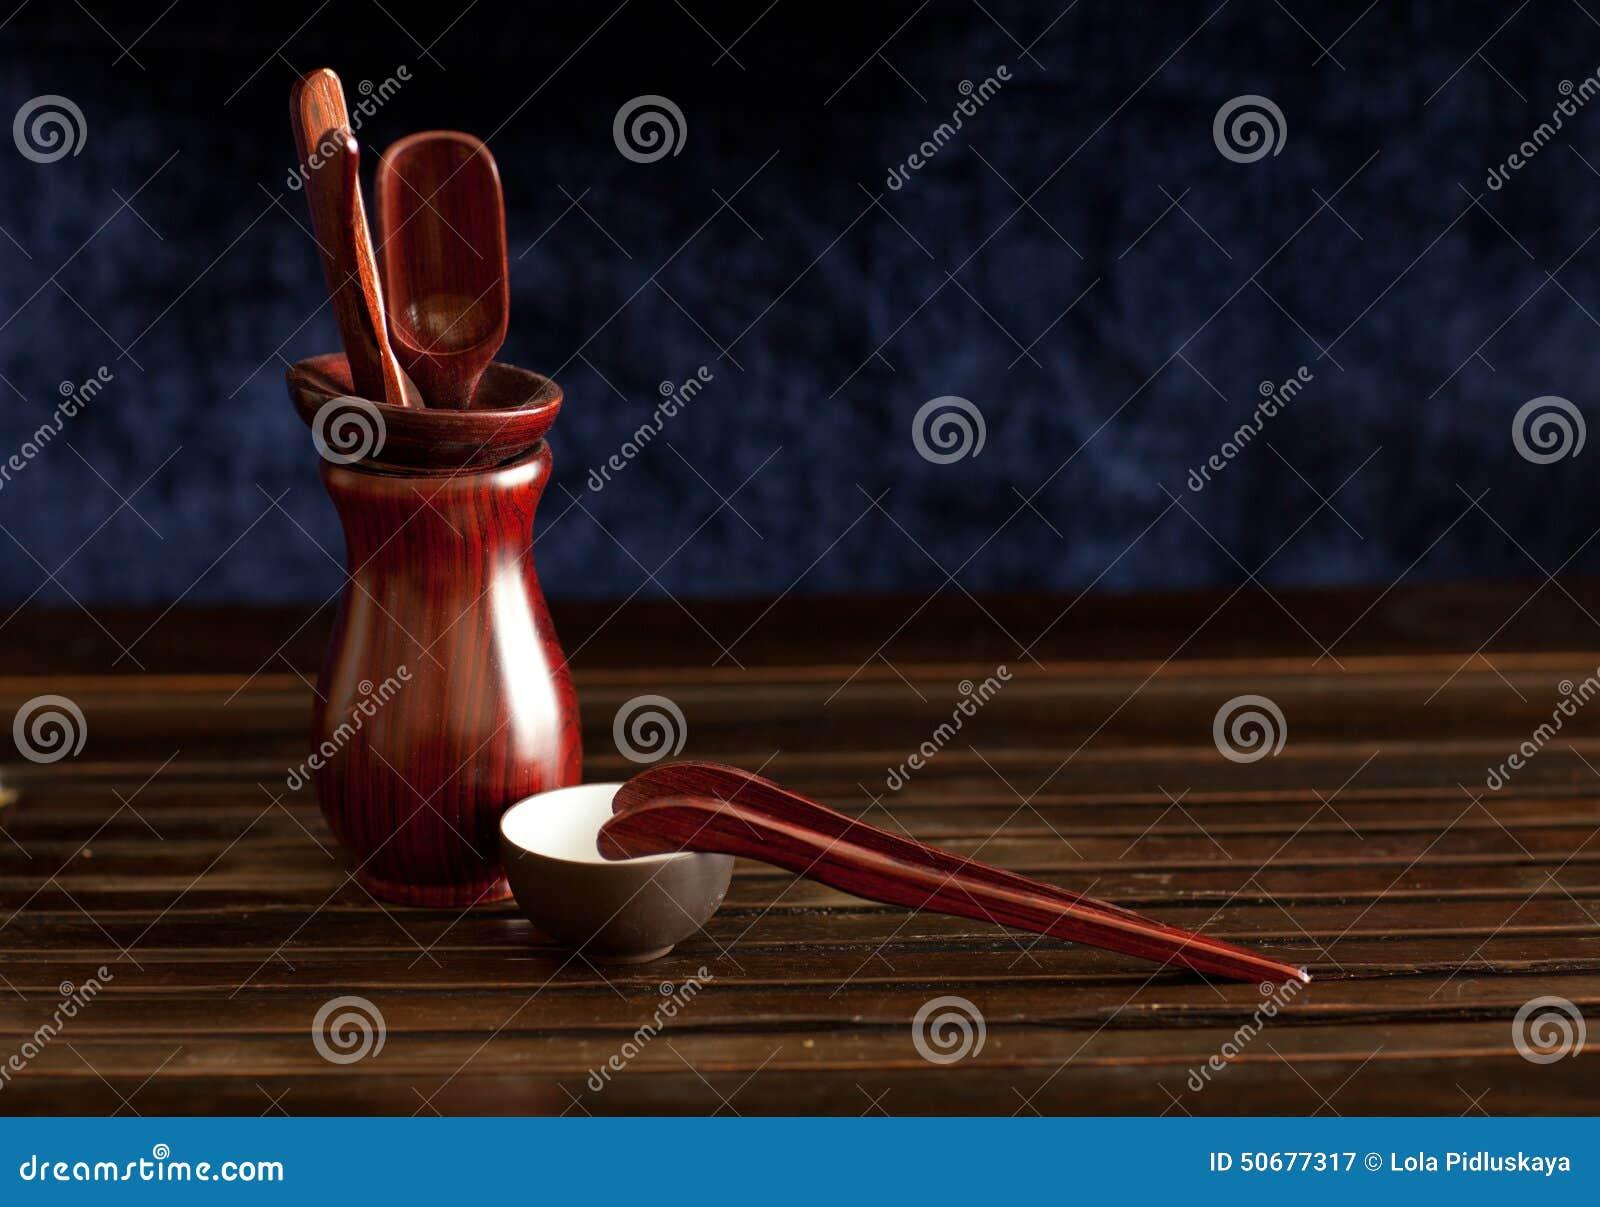 Download 中国茶道 库存图片. 图片 包括有 仪式, 工具, 打赌的人, 饮料, 聚会所, 健康, 传统, 对象, 木头 - 50677317